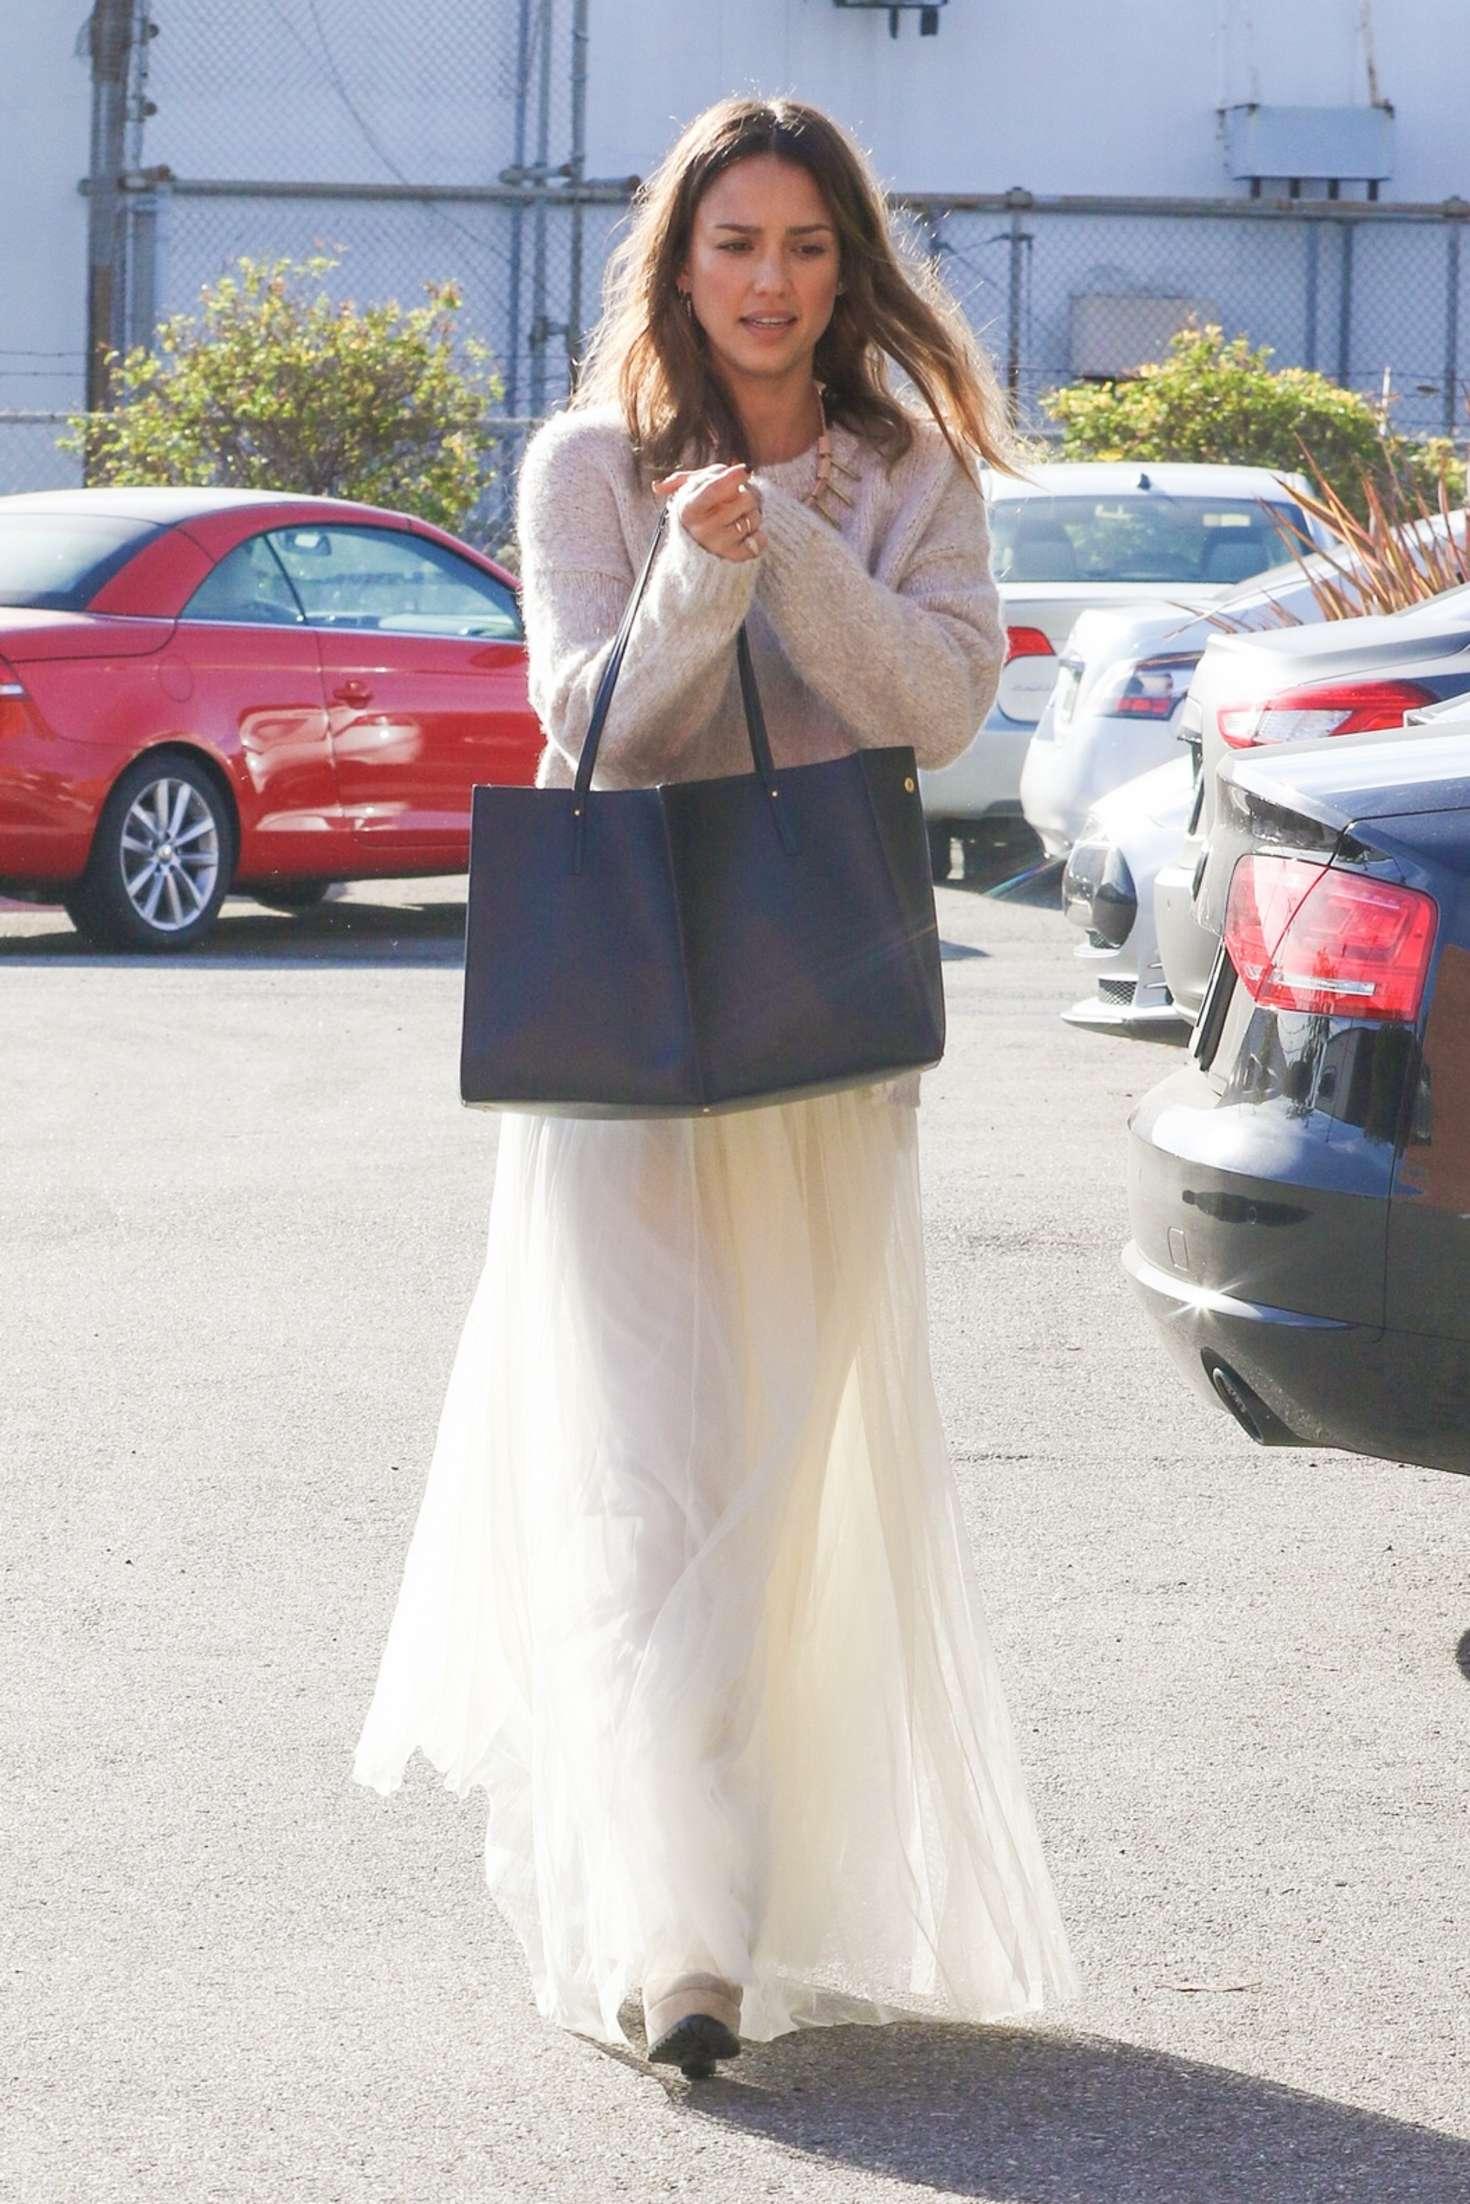 Jennifer aniston nude photo naked (55 photo), Sexy Celebrity foto